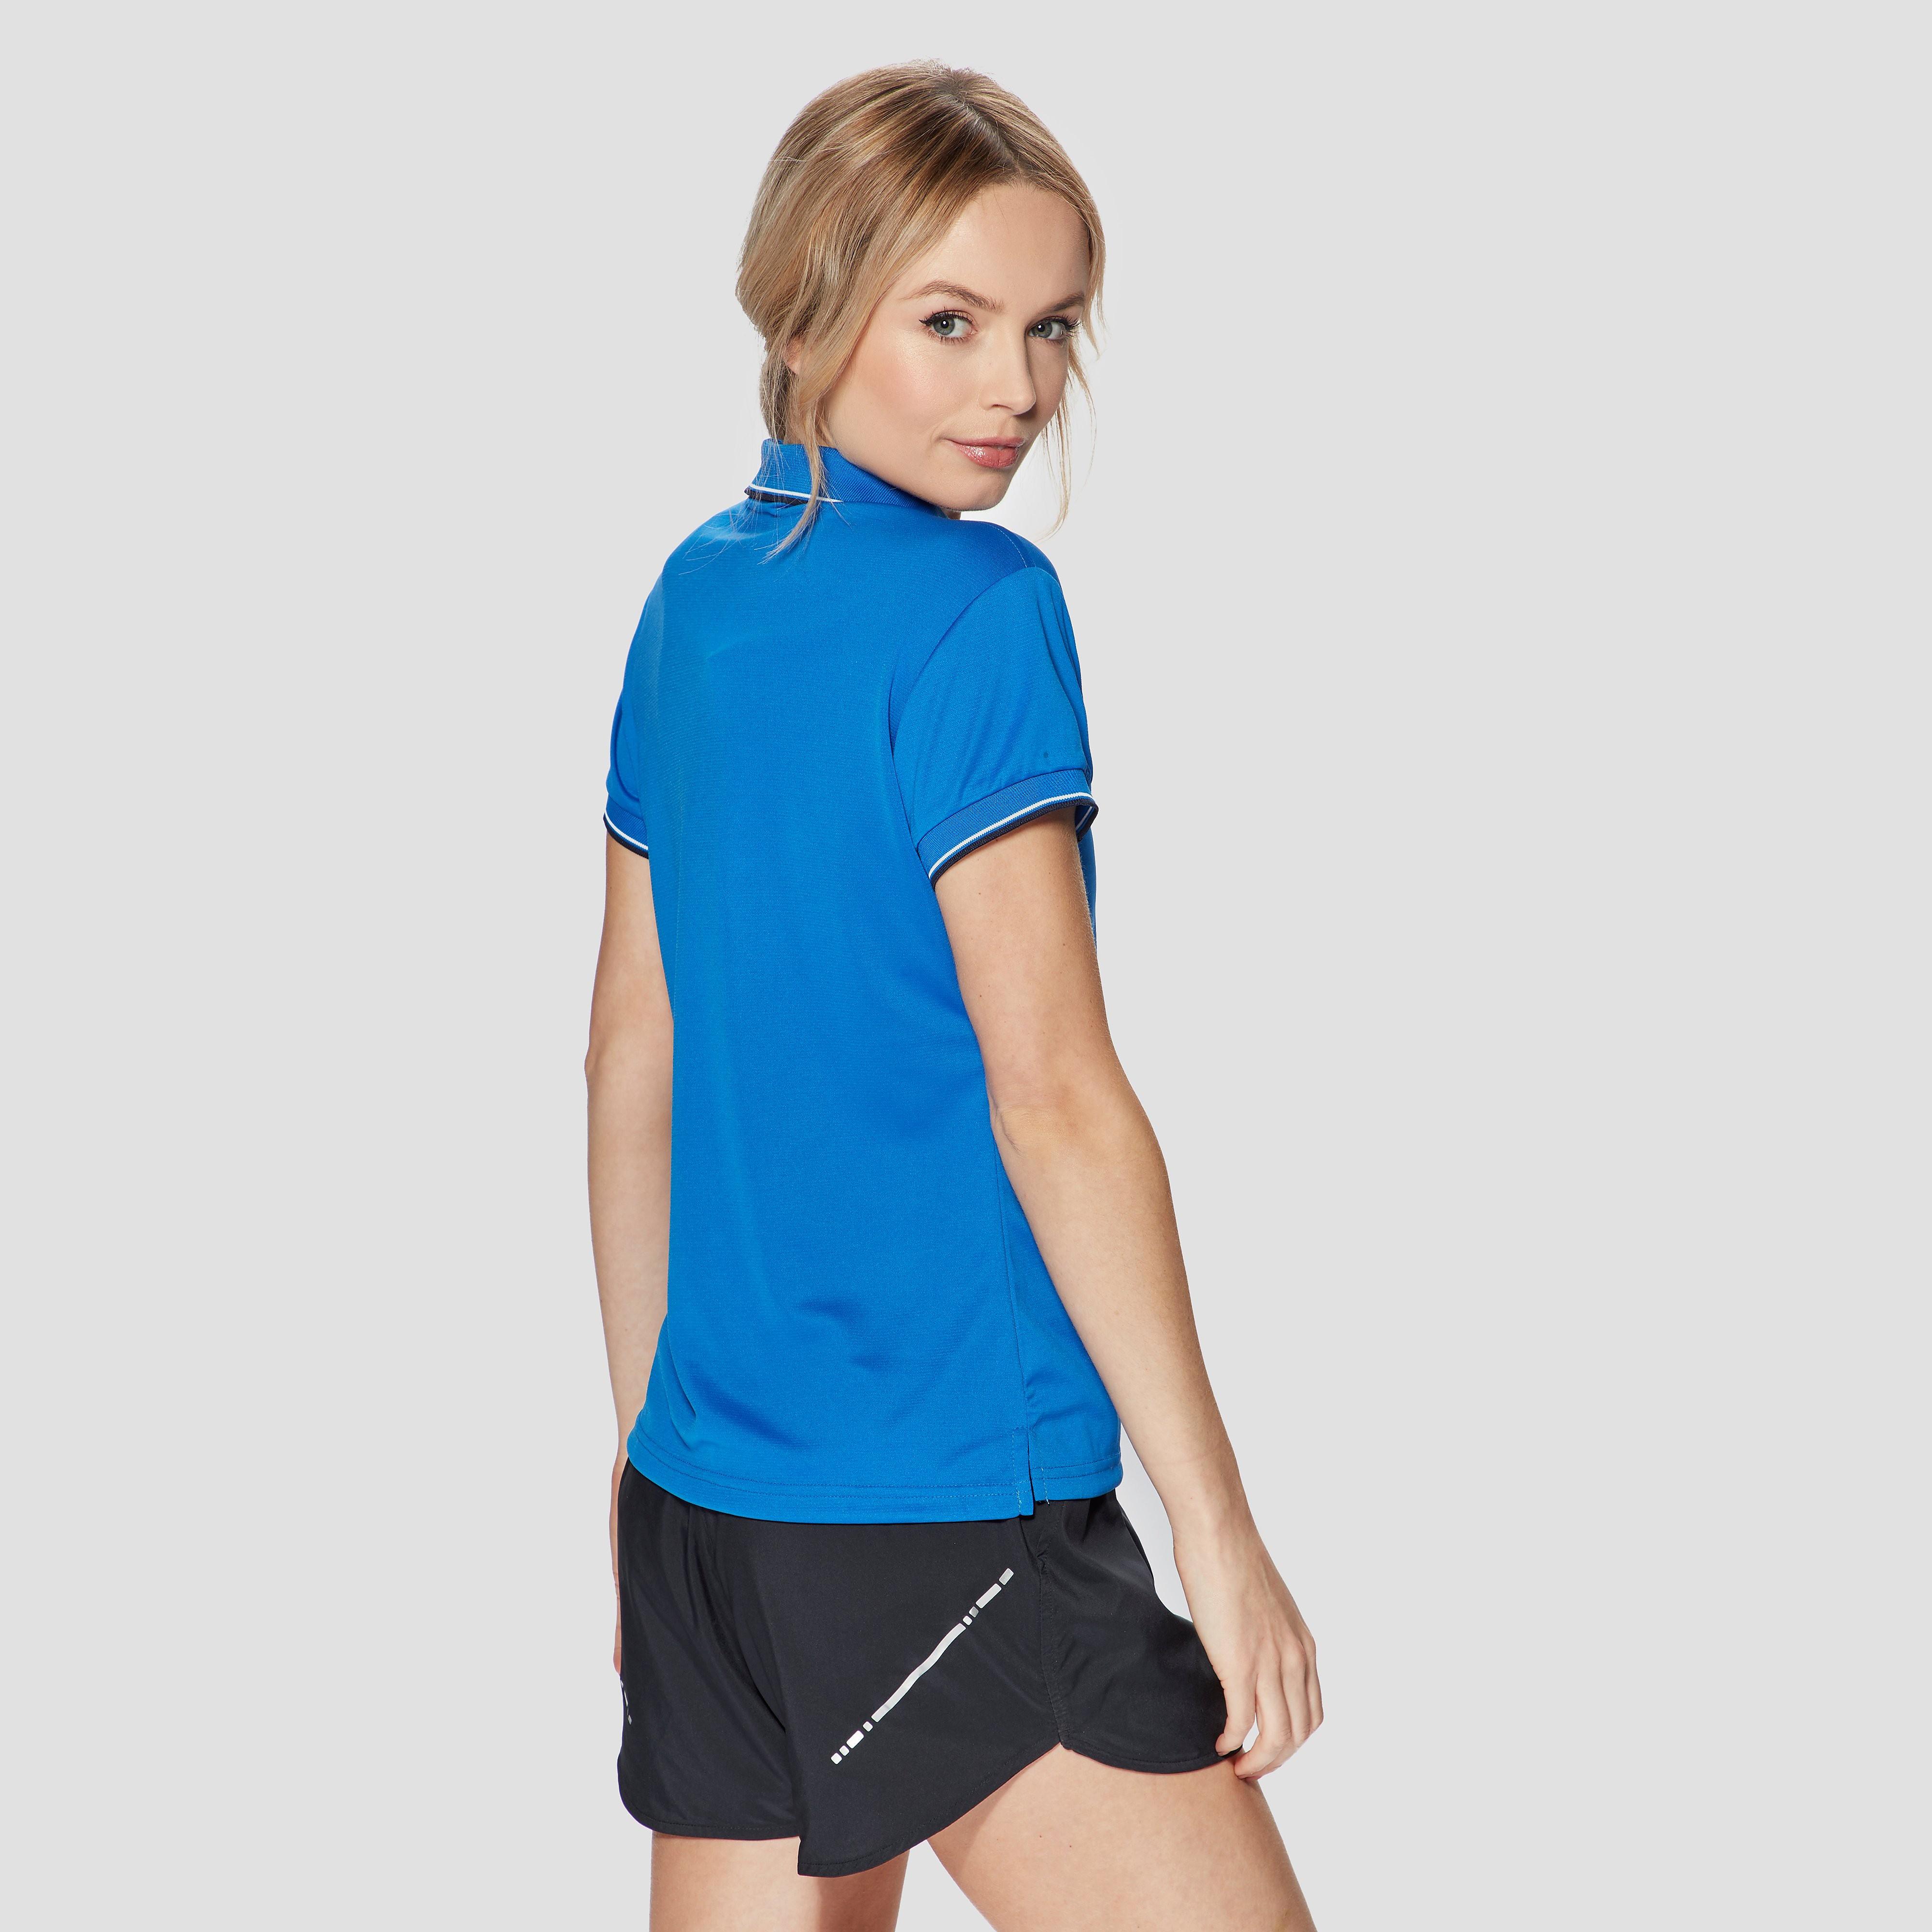 Yonex 20370EX Women's Polo Shirt